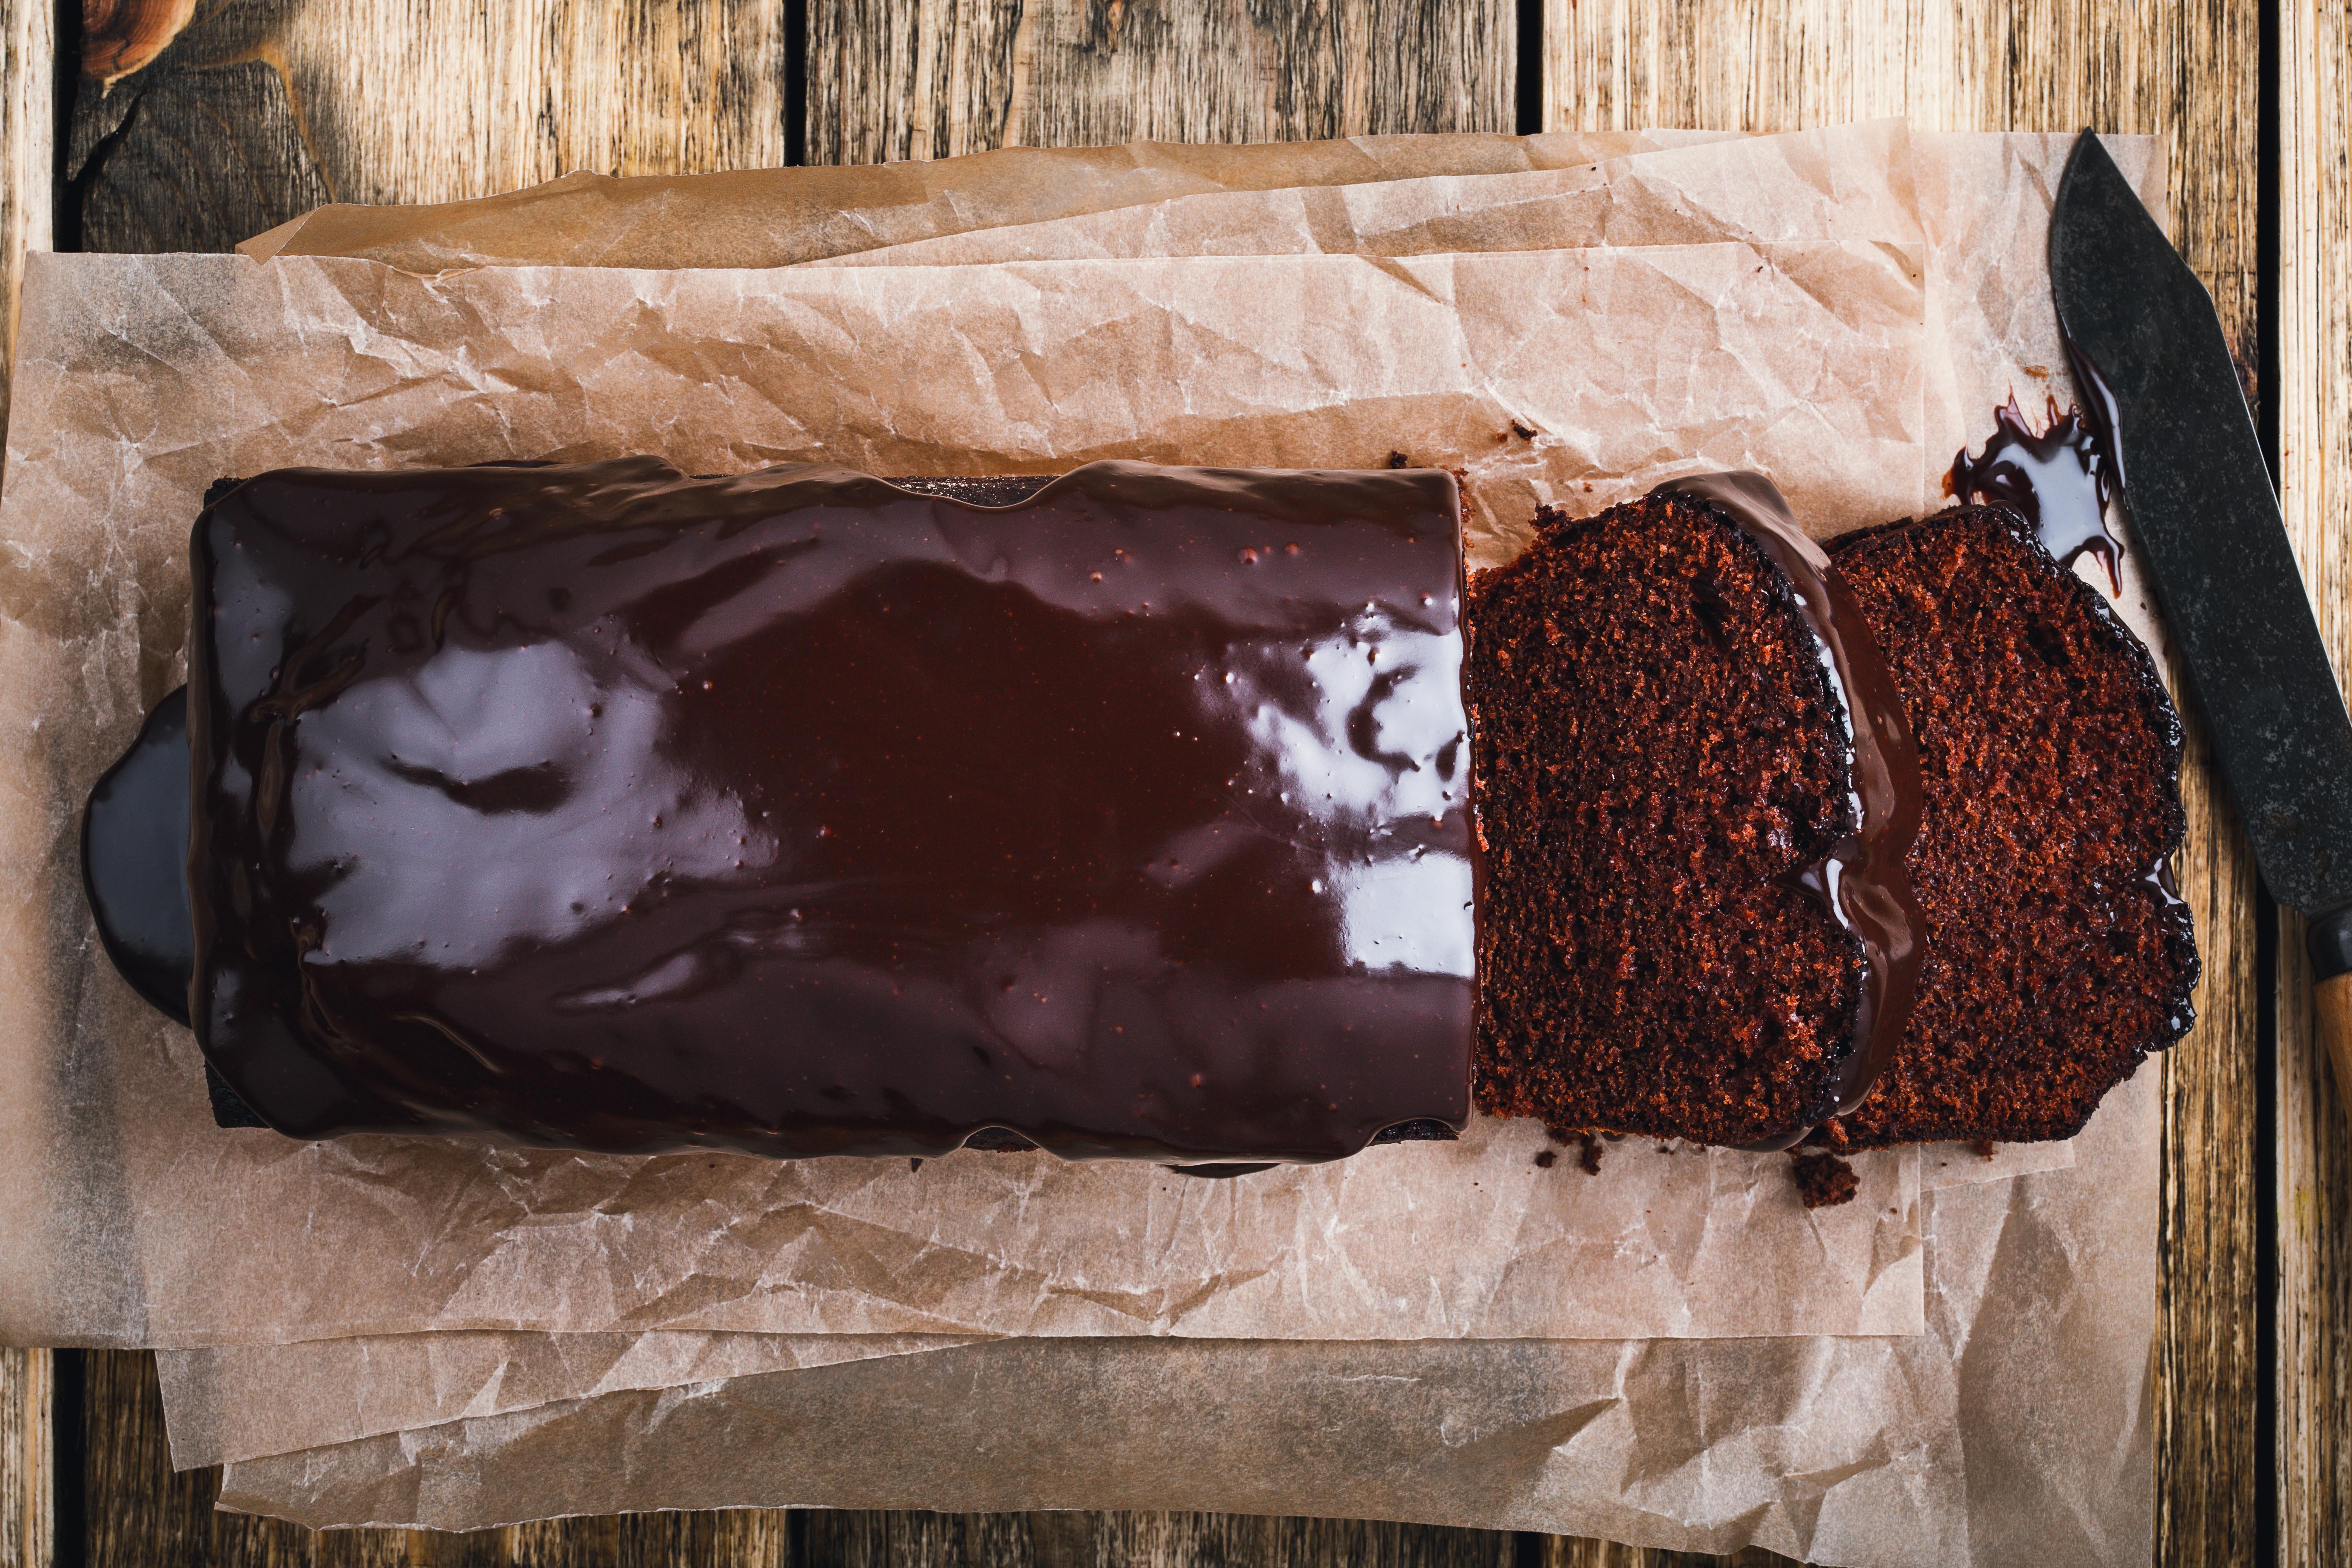 上方的图像上釉巧克力面包蛋糕在木板上,两切显示蛋糕的内部。